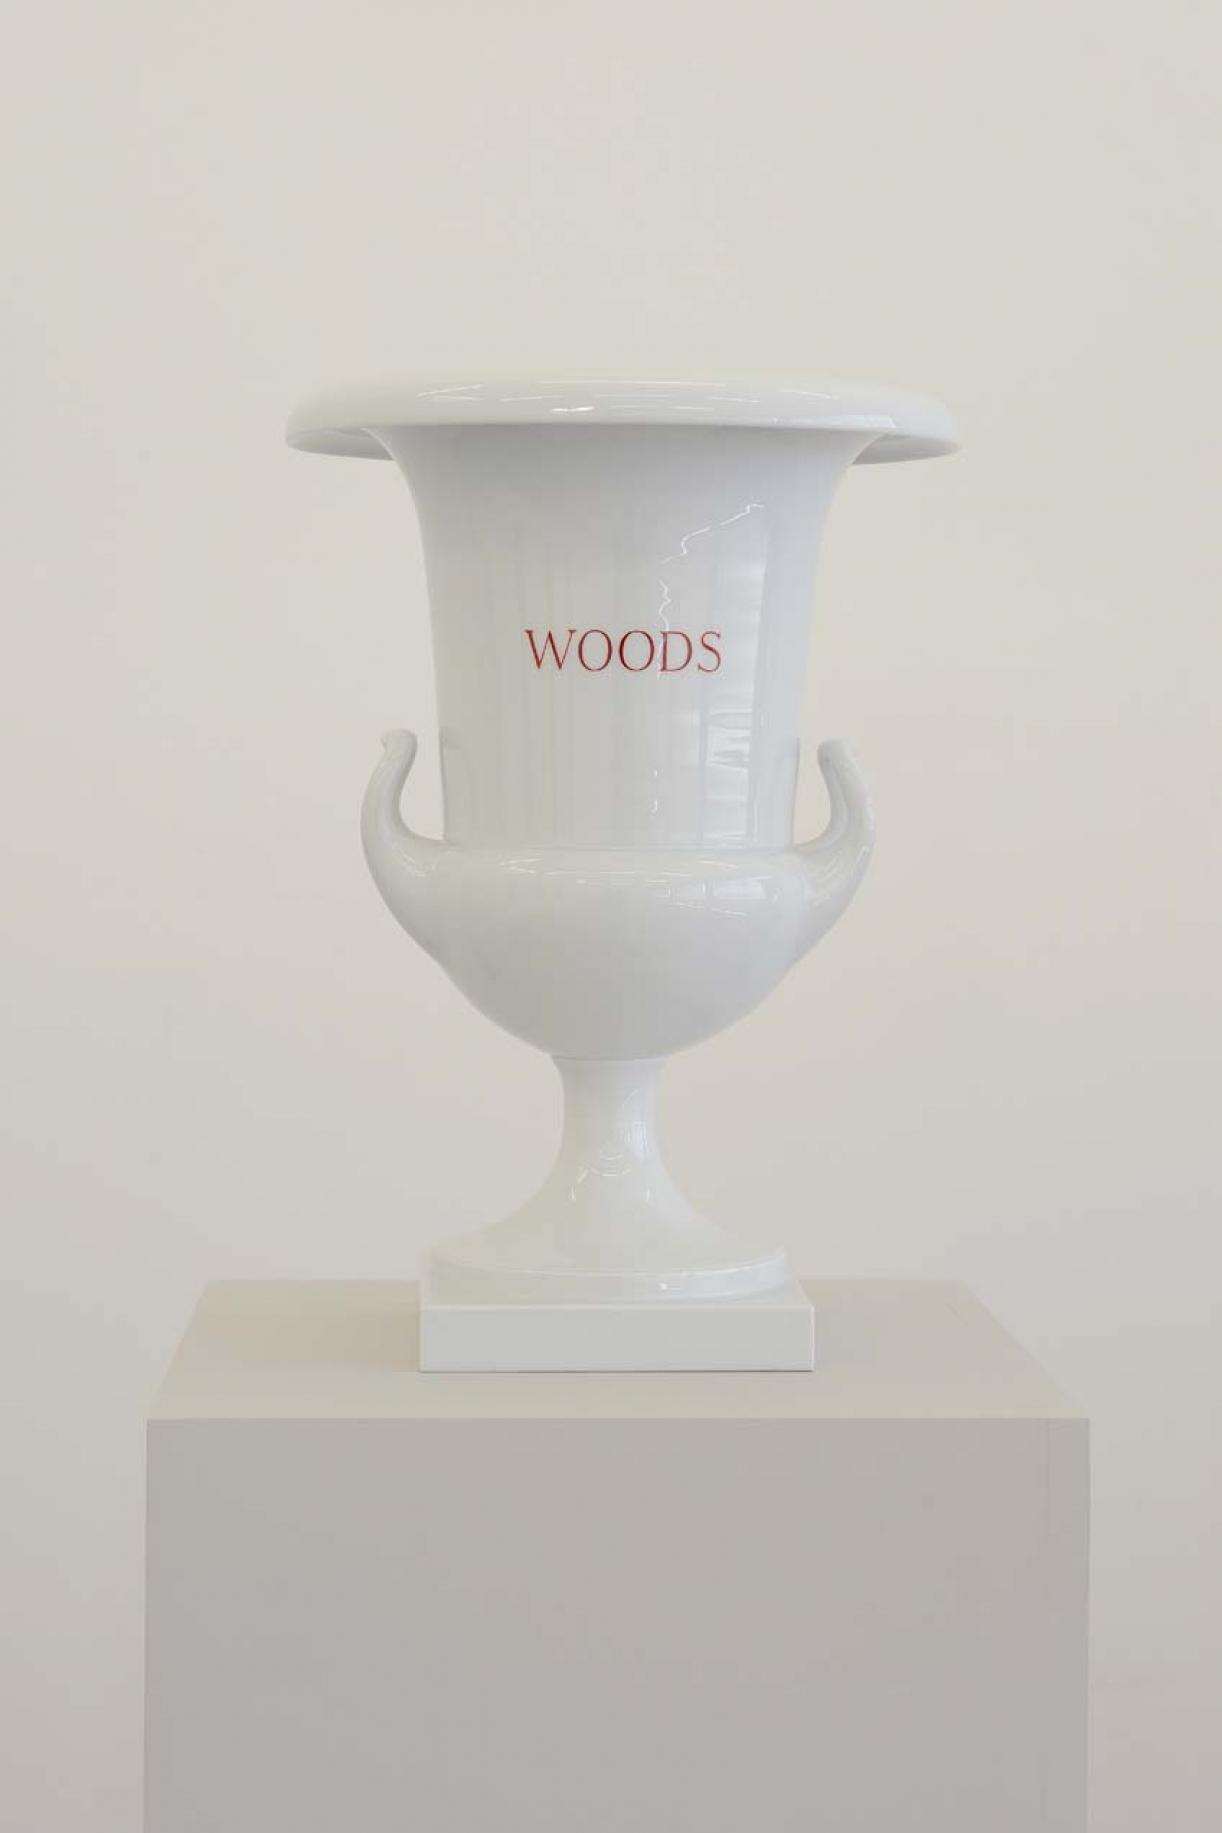 Winds, Woods, Streams, Seas (design after Carl Friedrich Riese, 1799), 2003, 4 Porcelain vases, 43 x 30 cm each, Unique, Woods